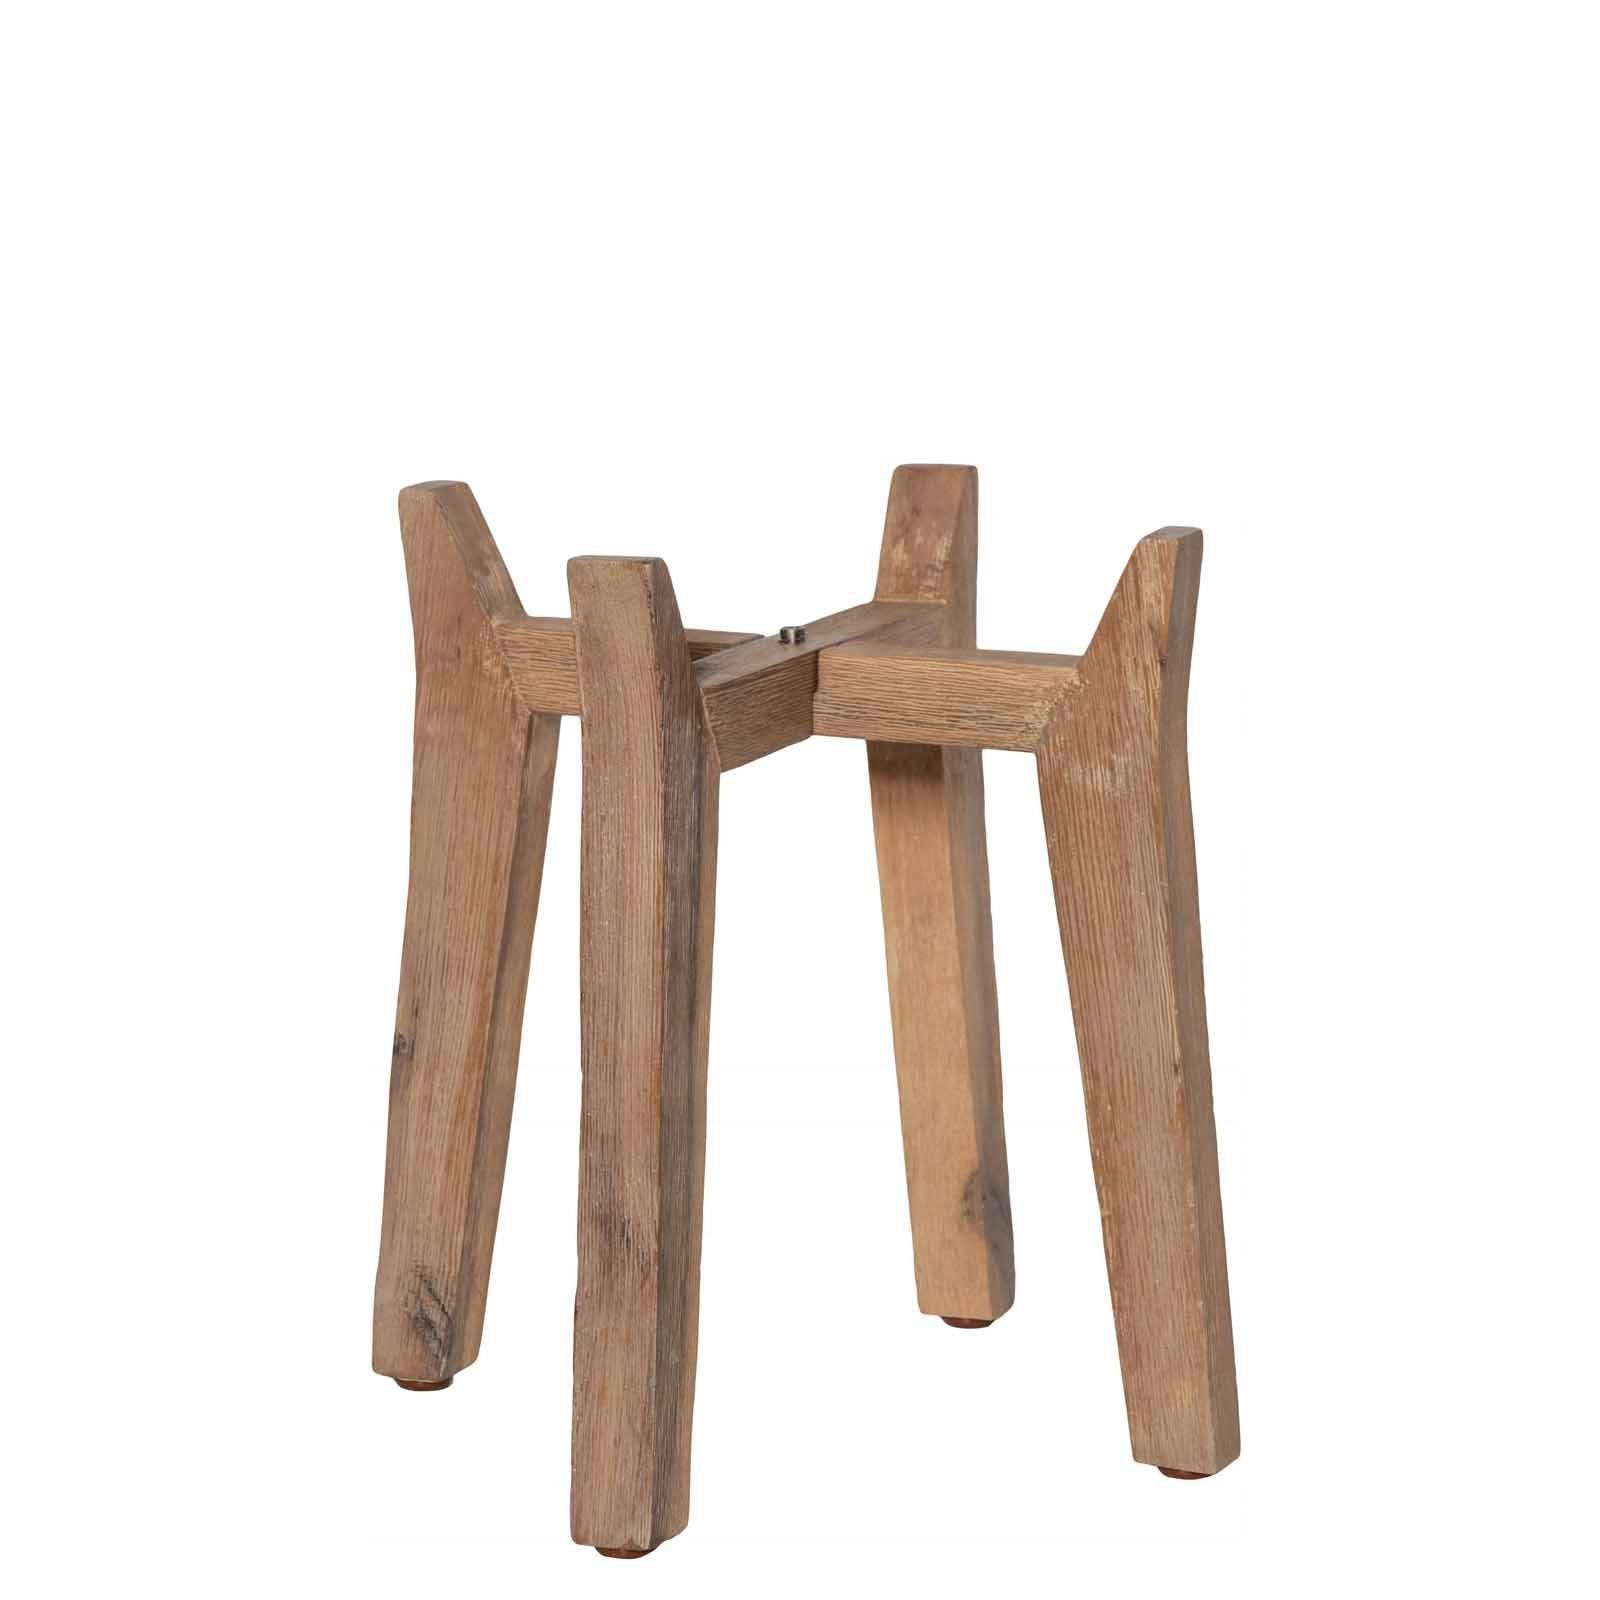 высокие ножки из дерева для горшков FEET HIGH S 32